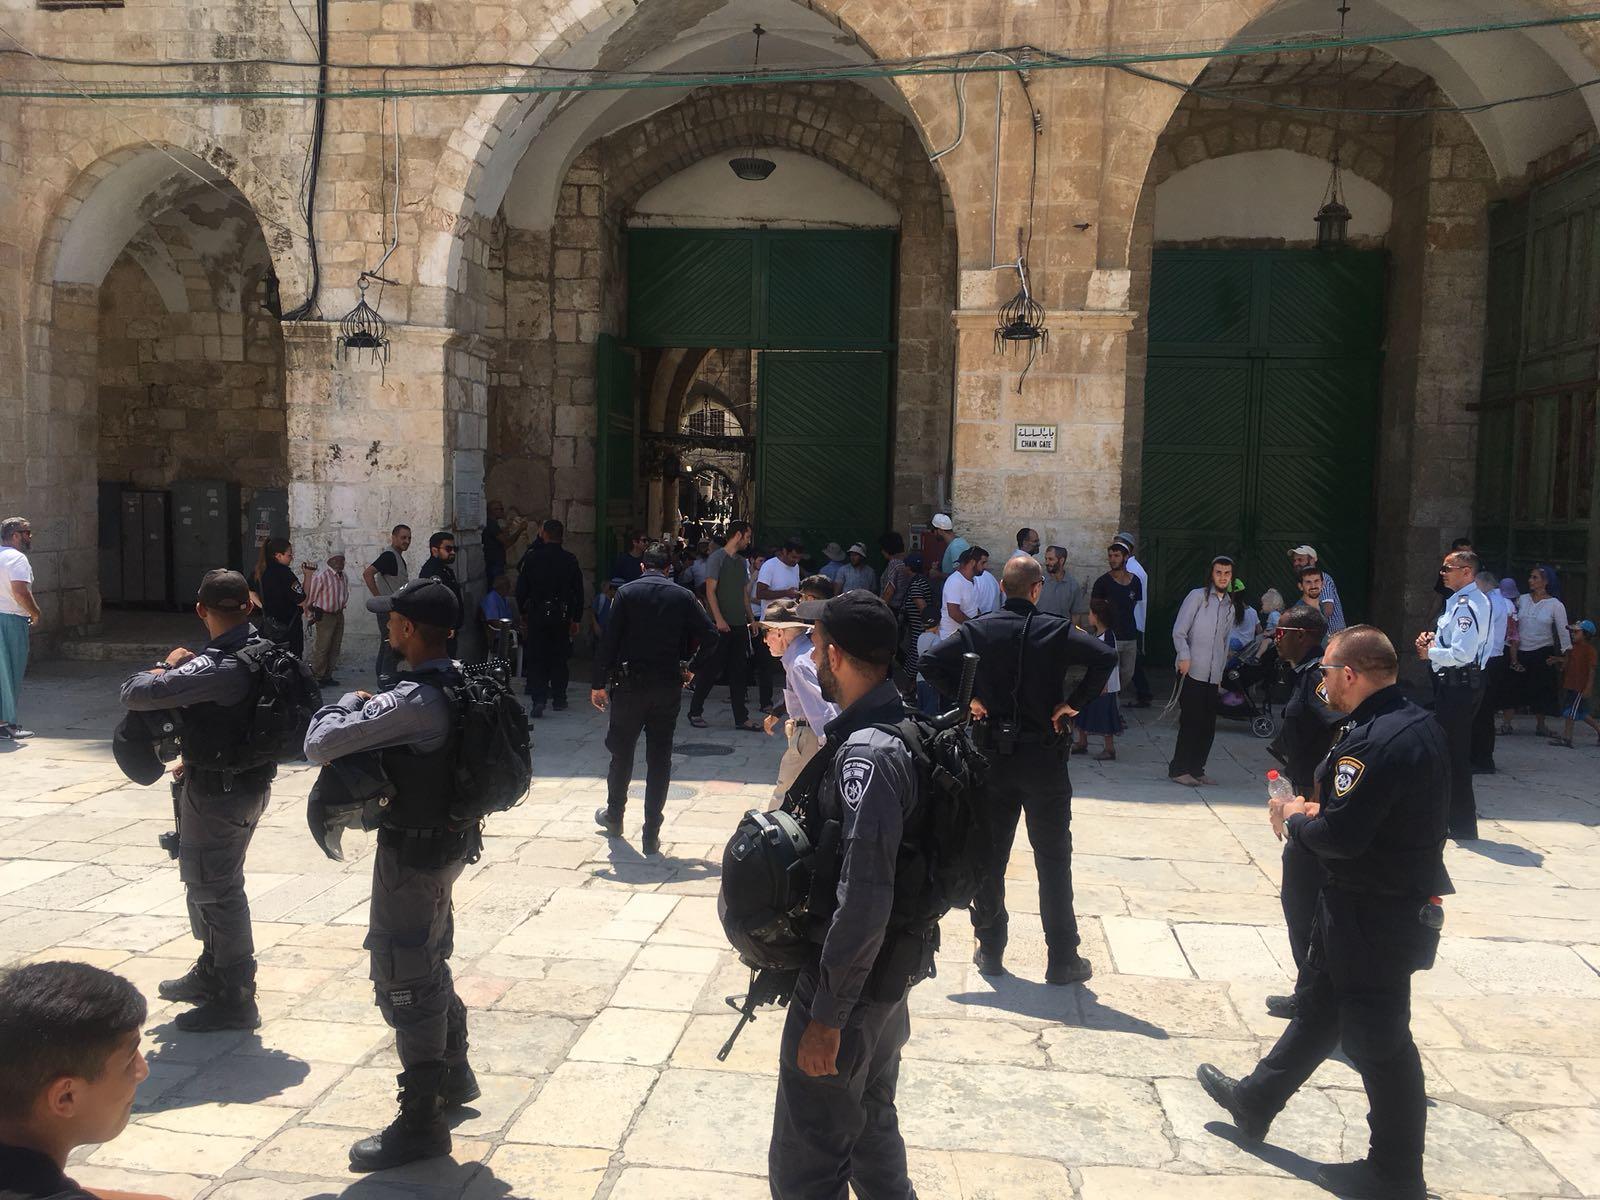 مستوطنون يحاولون الاعتداء على المفتي بالقدس والفصائل تحذر